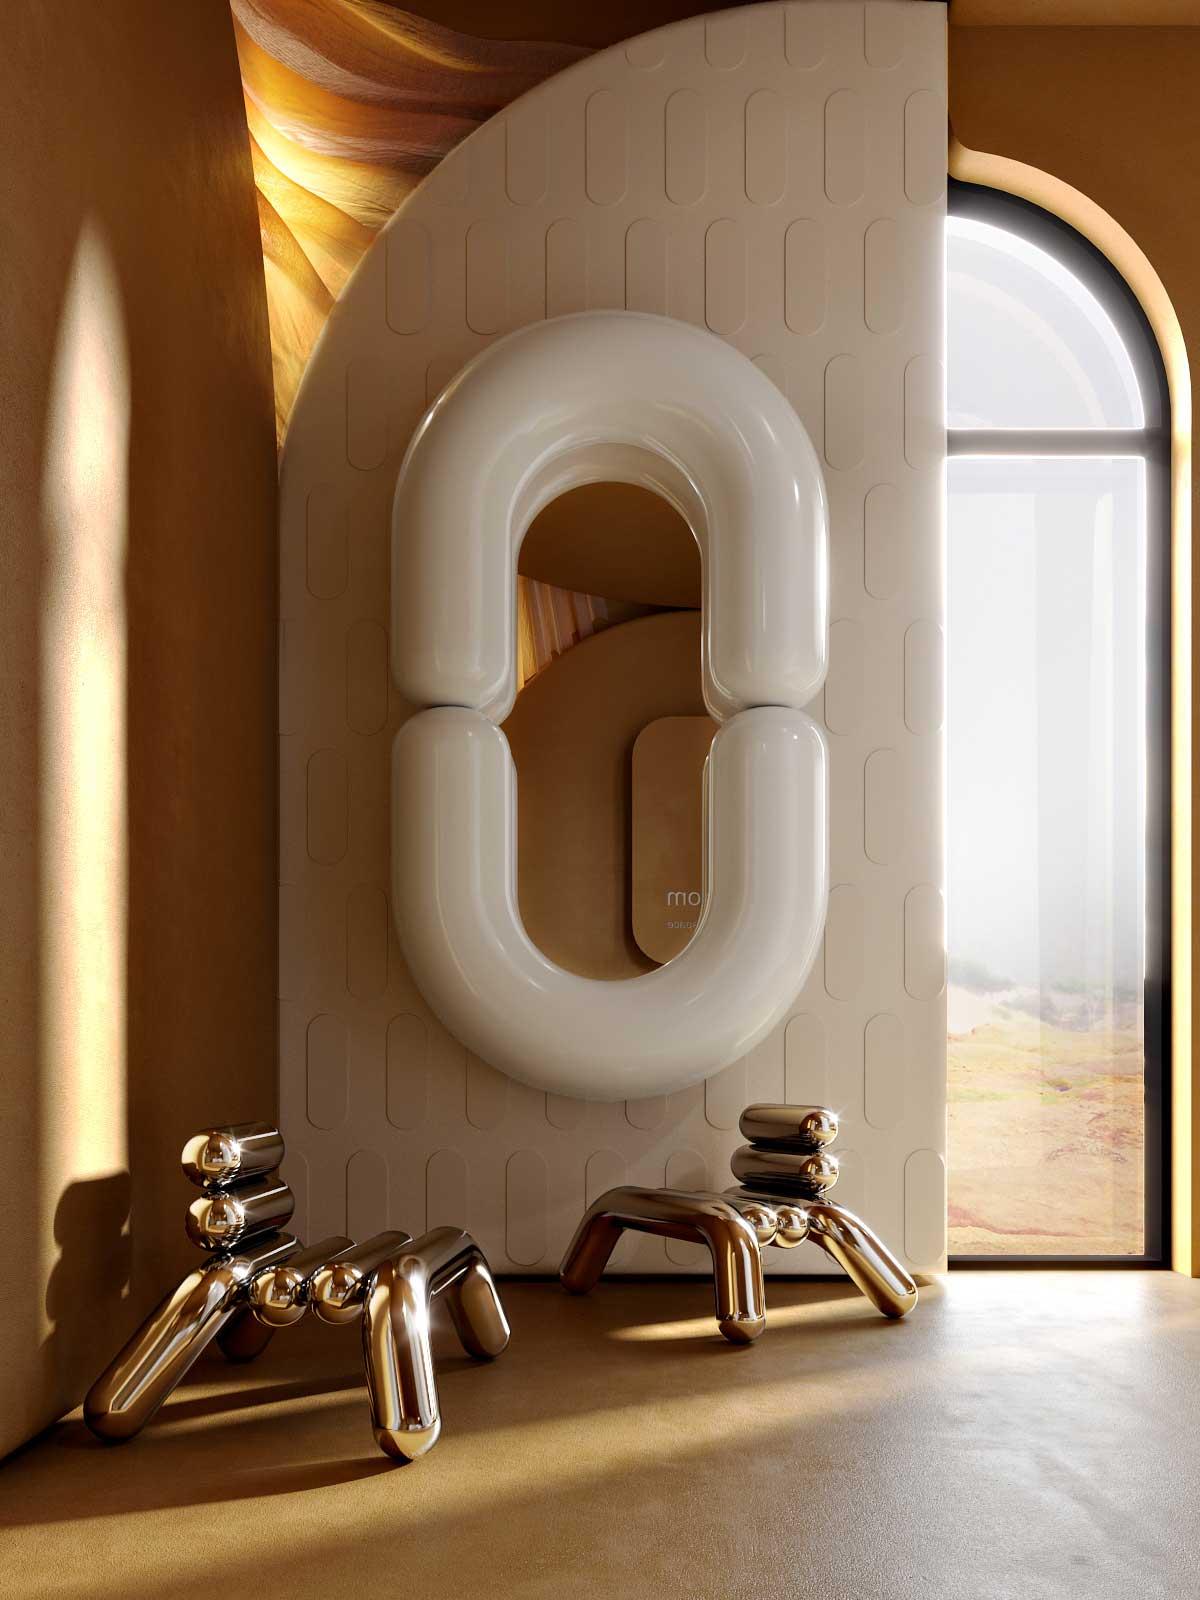 Des fauteuils et un miroir en tube épais